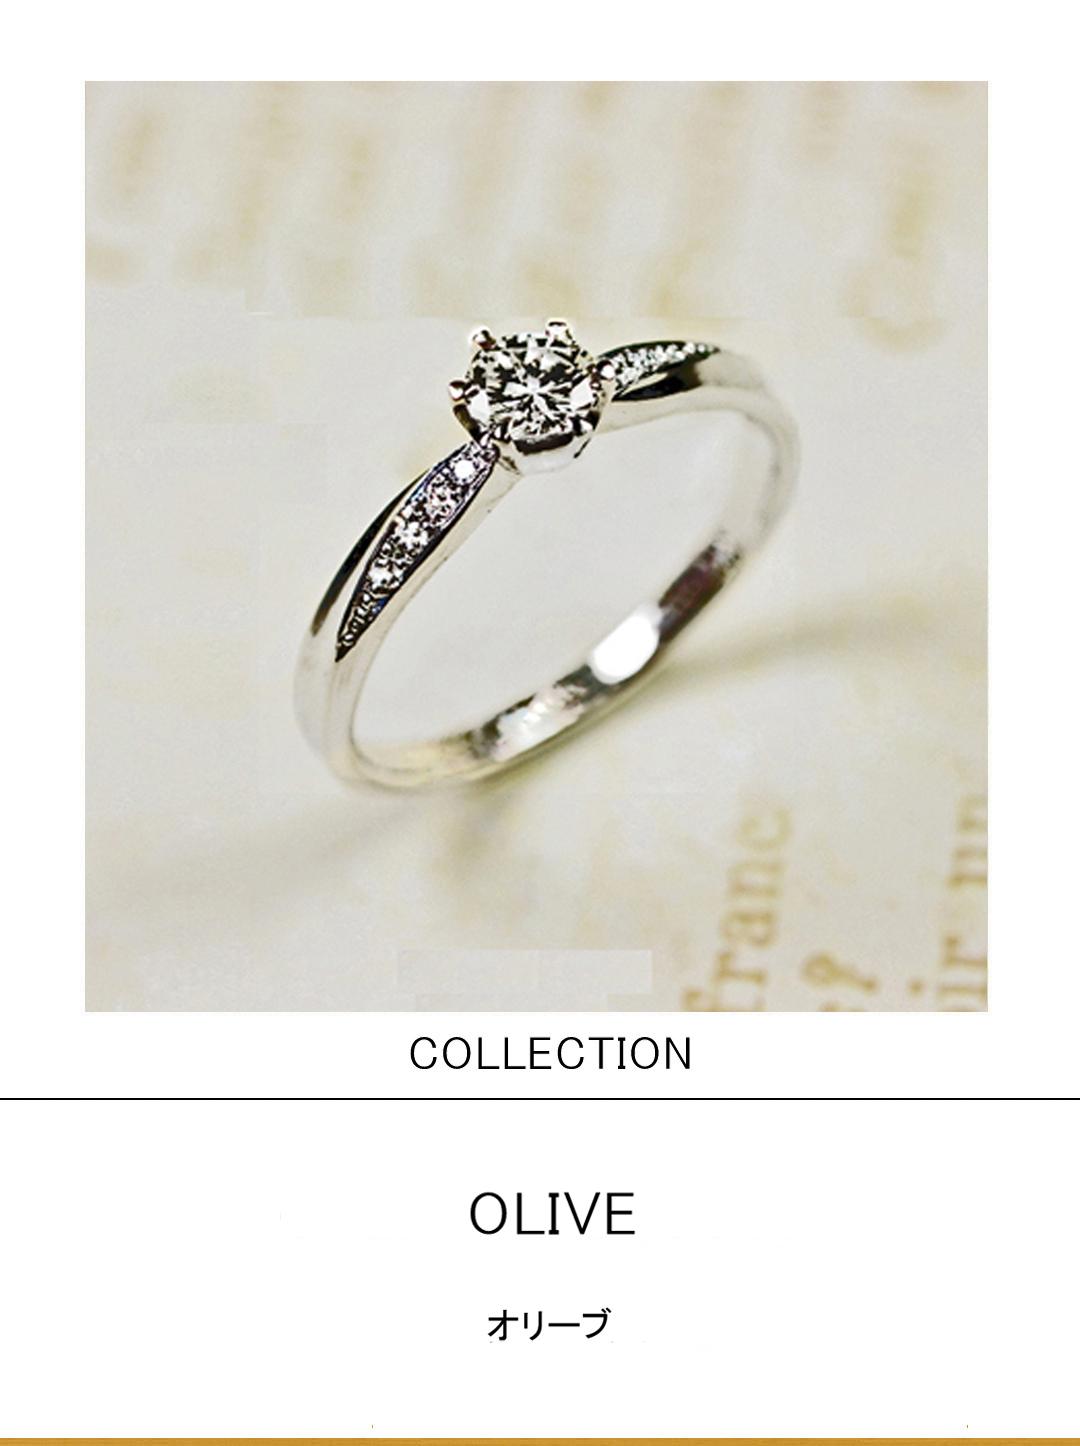 オリーブデザイン&ダイヤモンドのプラチナ婚約指輪コレクションのサムネイル